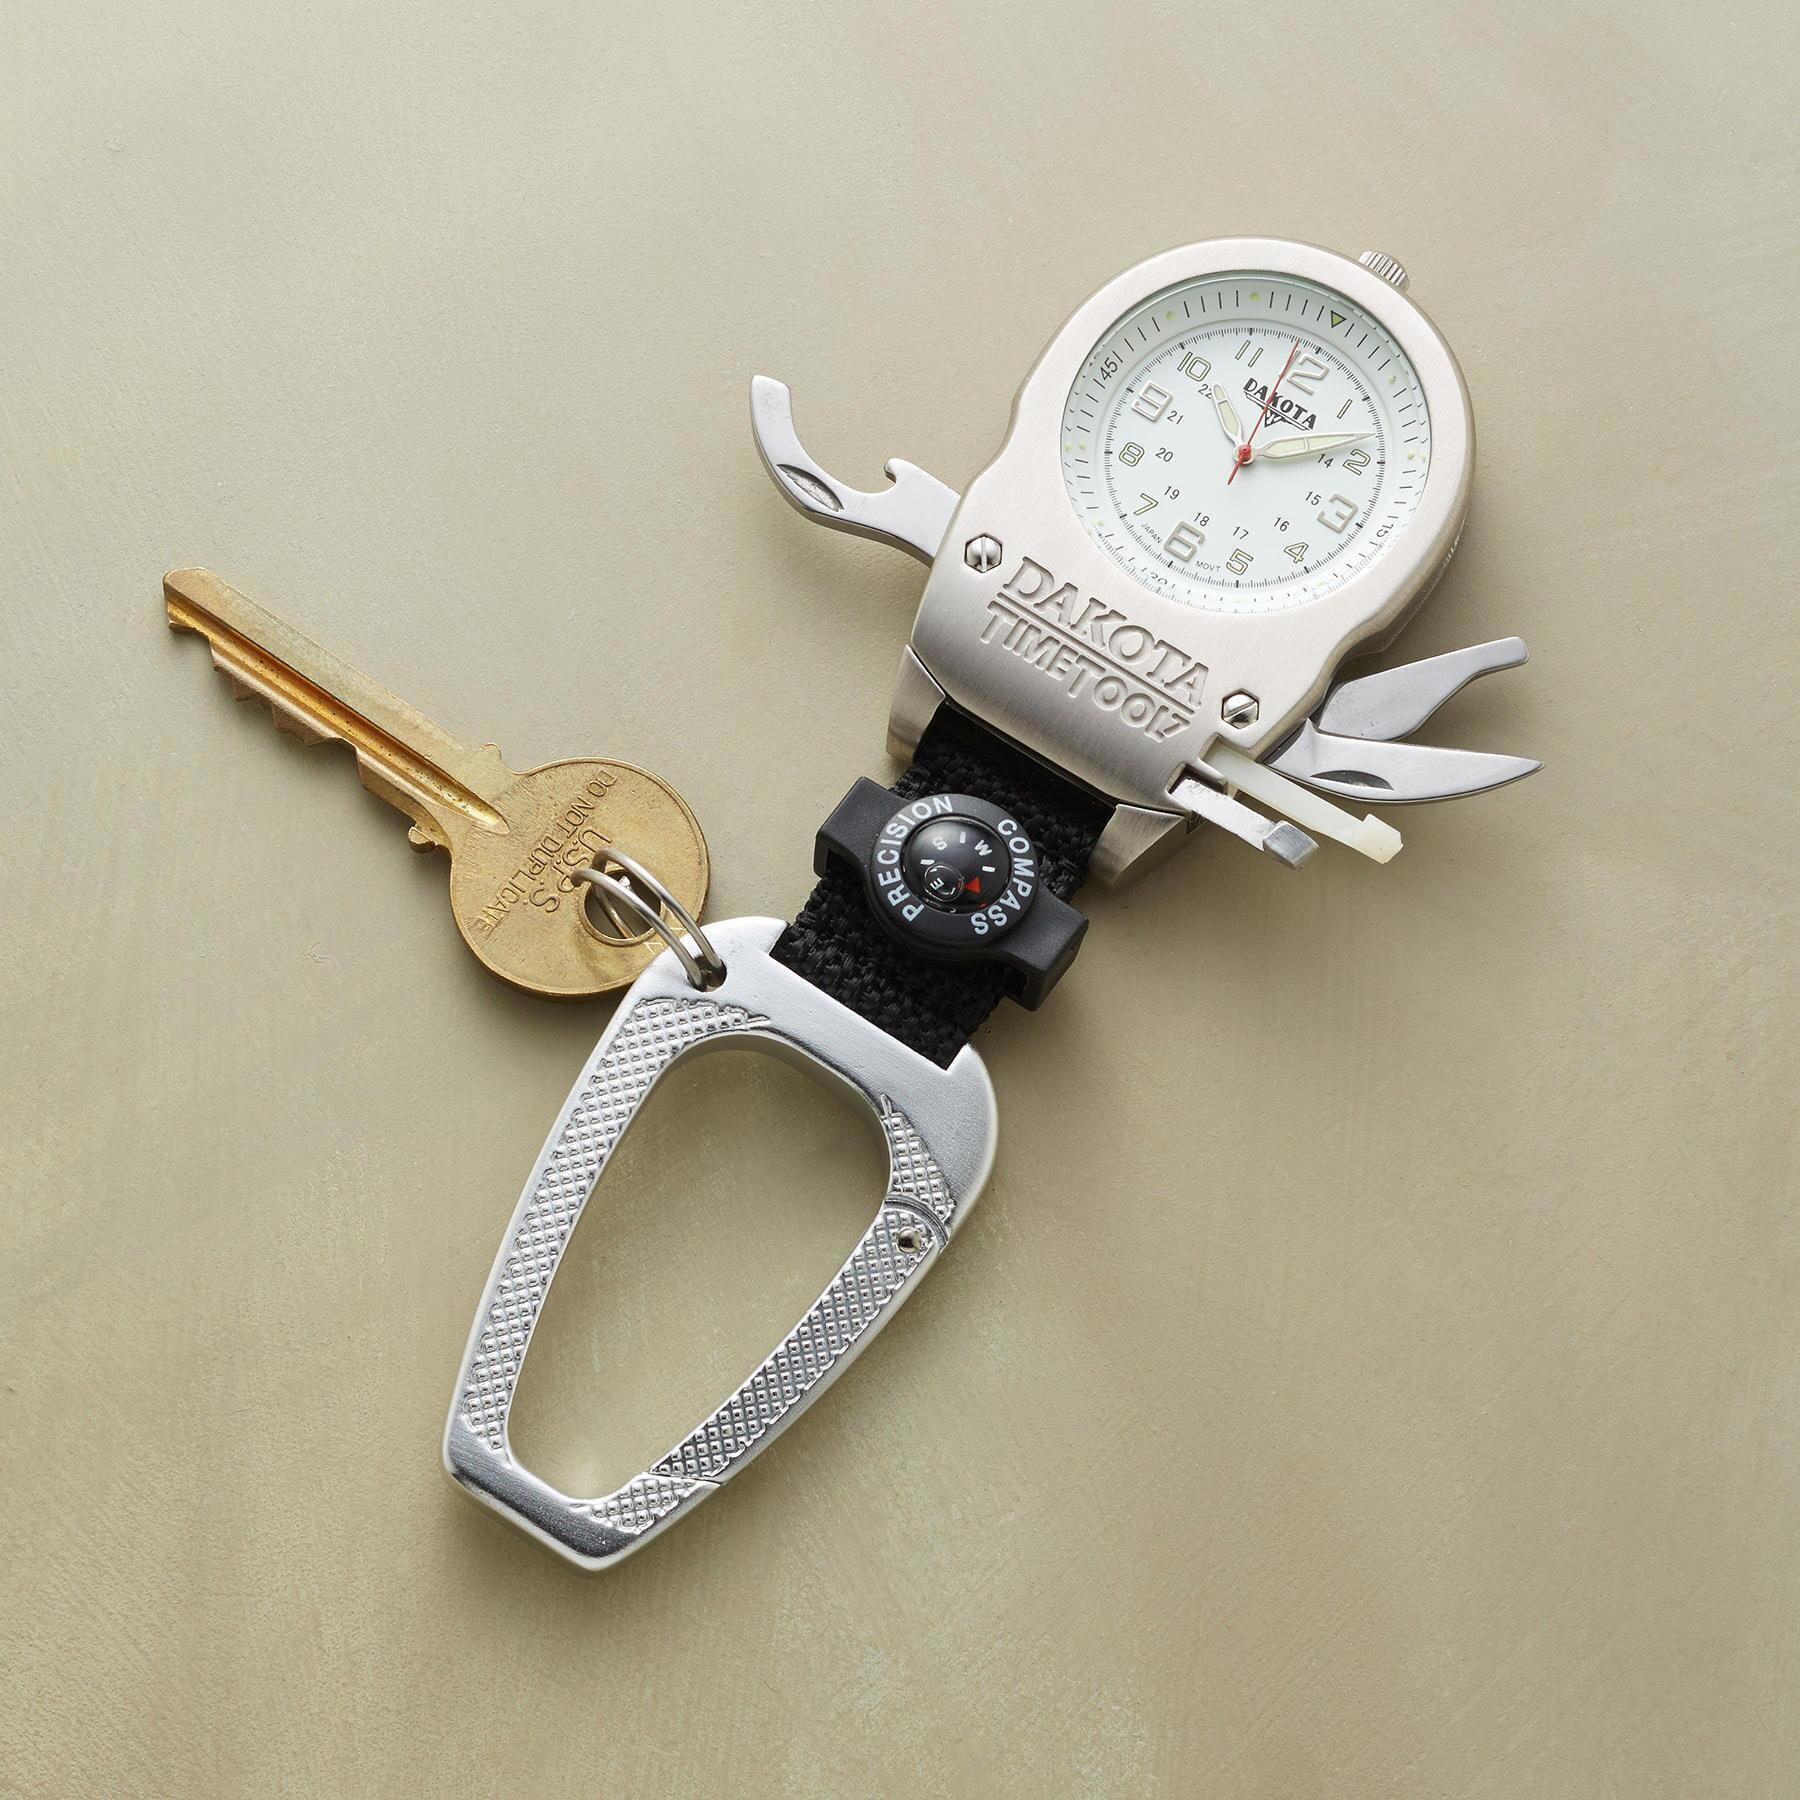 TIMEKEEPER TOOL: View 2